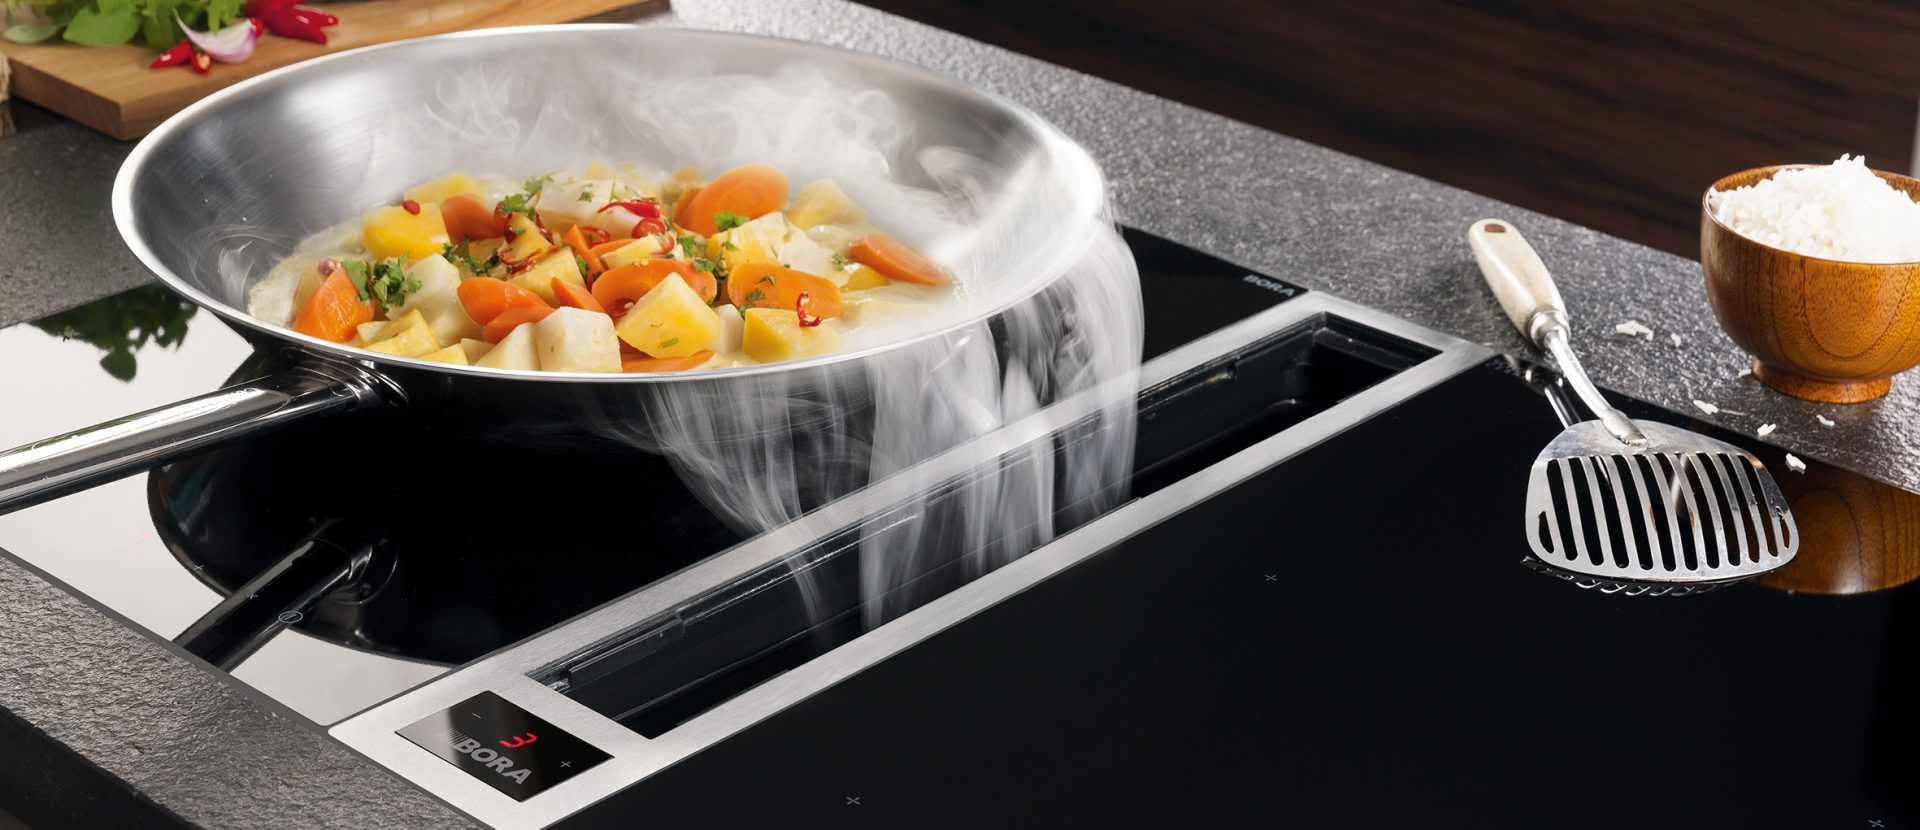 Passion Cuisines Elite - Cuisine modèle